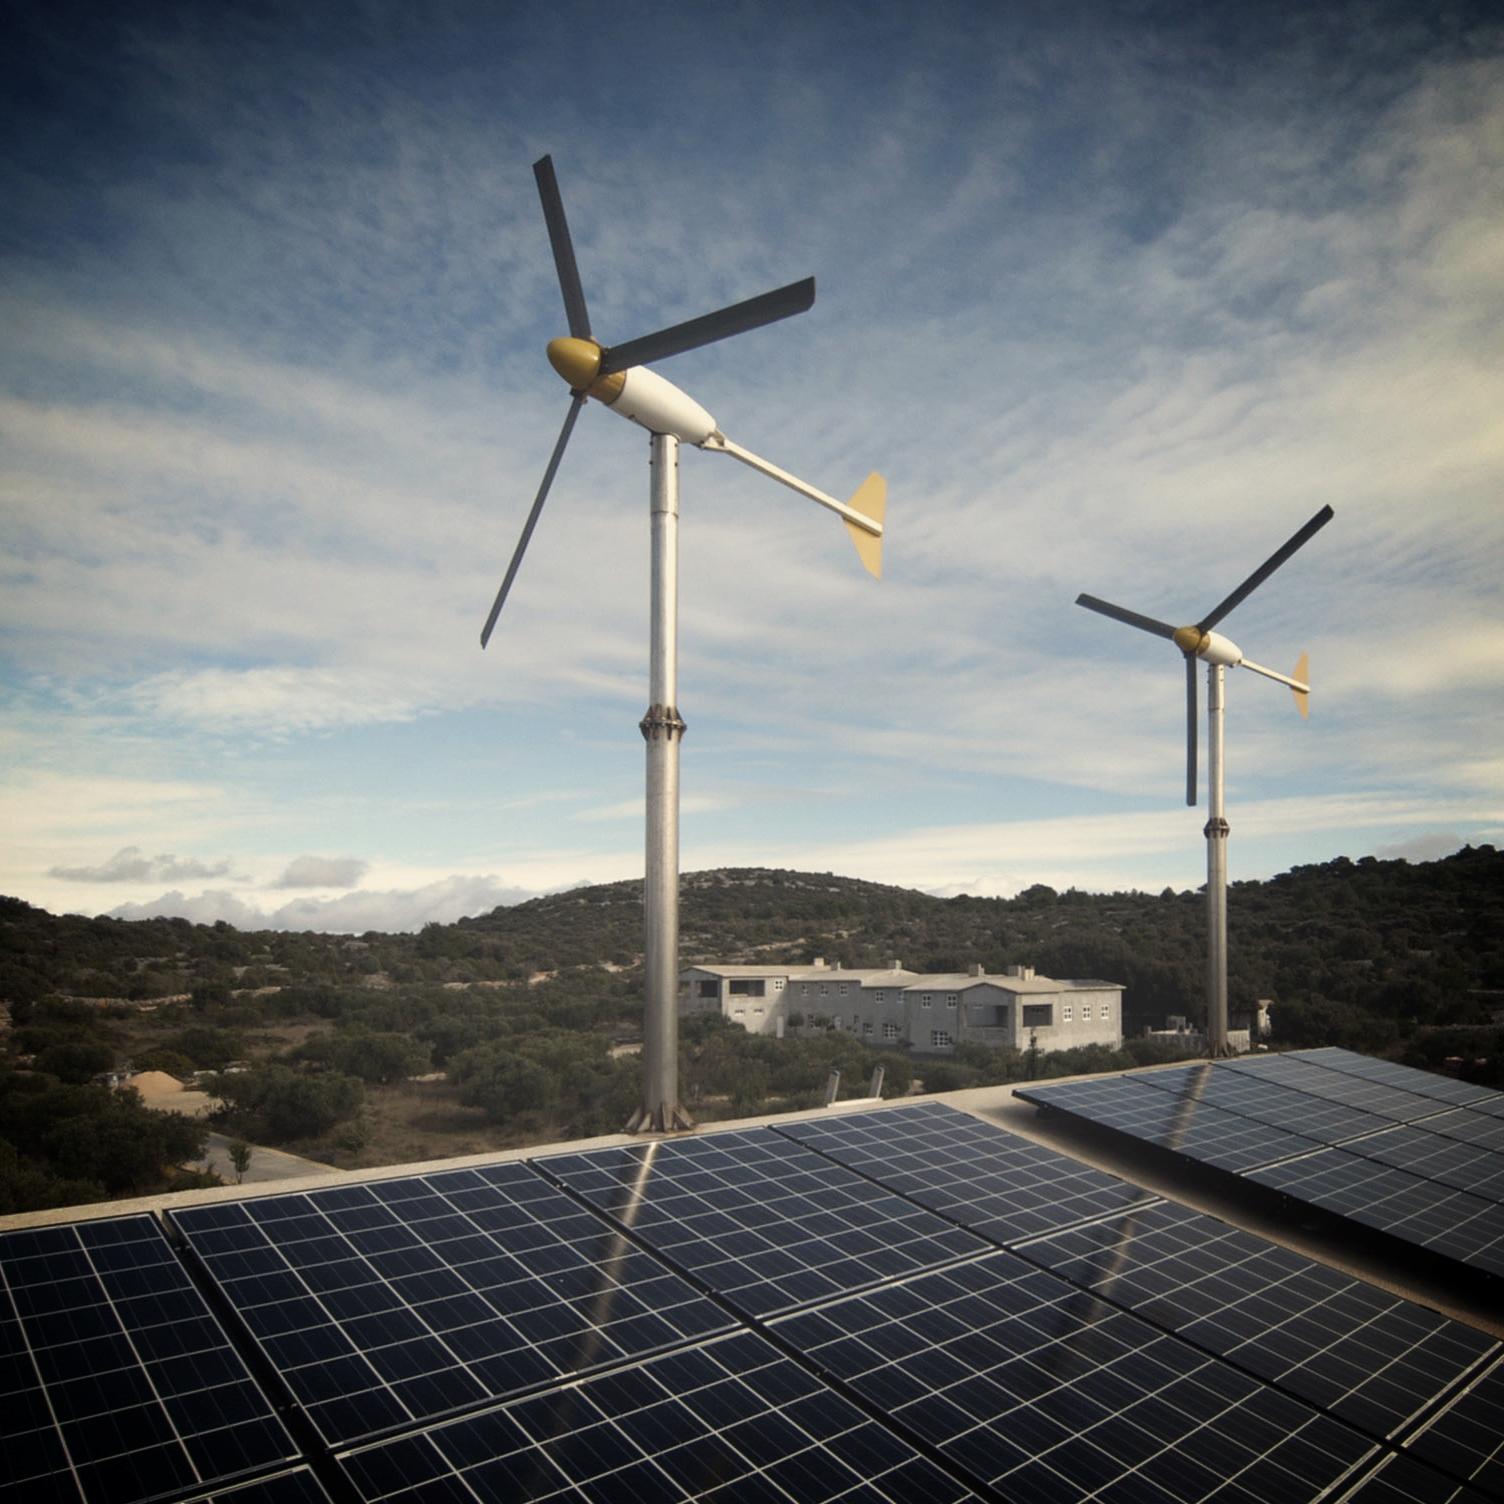 Hybrid_system,_2400W_windturbines,_4000W_solar_modules,_island_Zirje,_Croatia.jpg